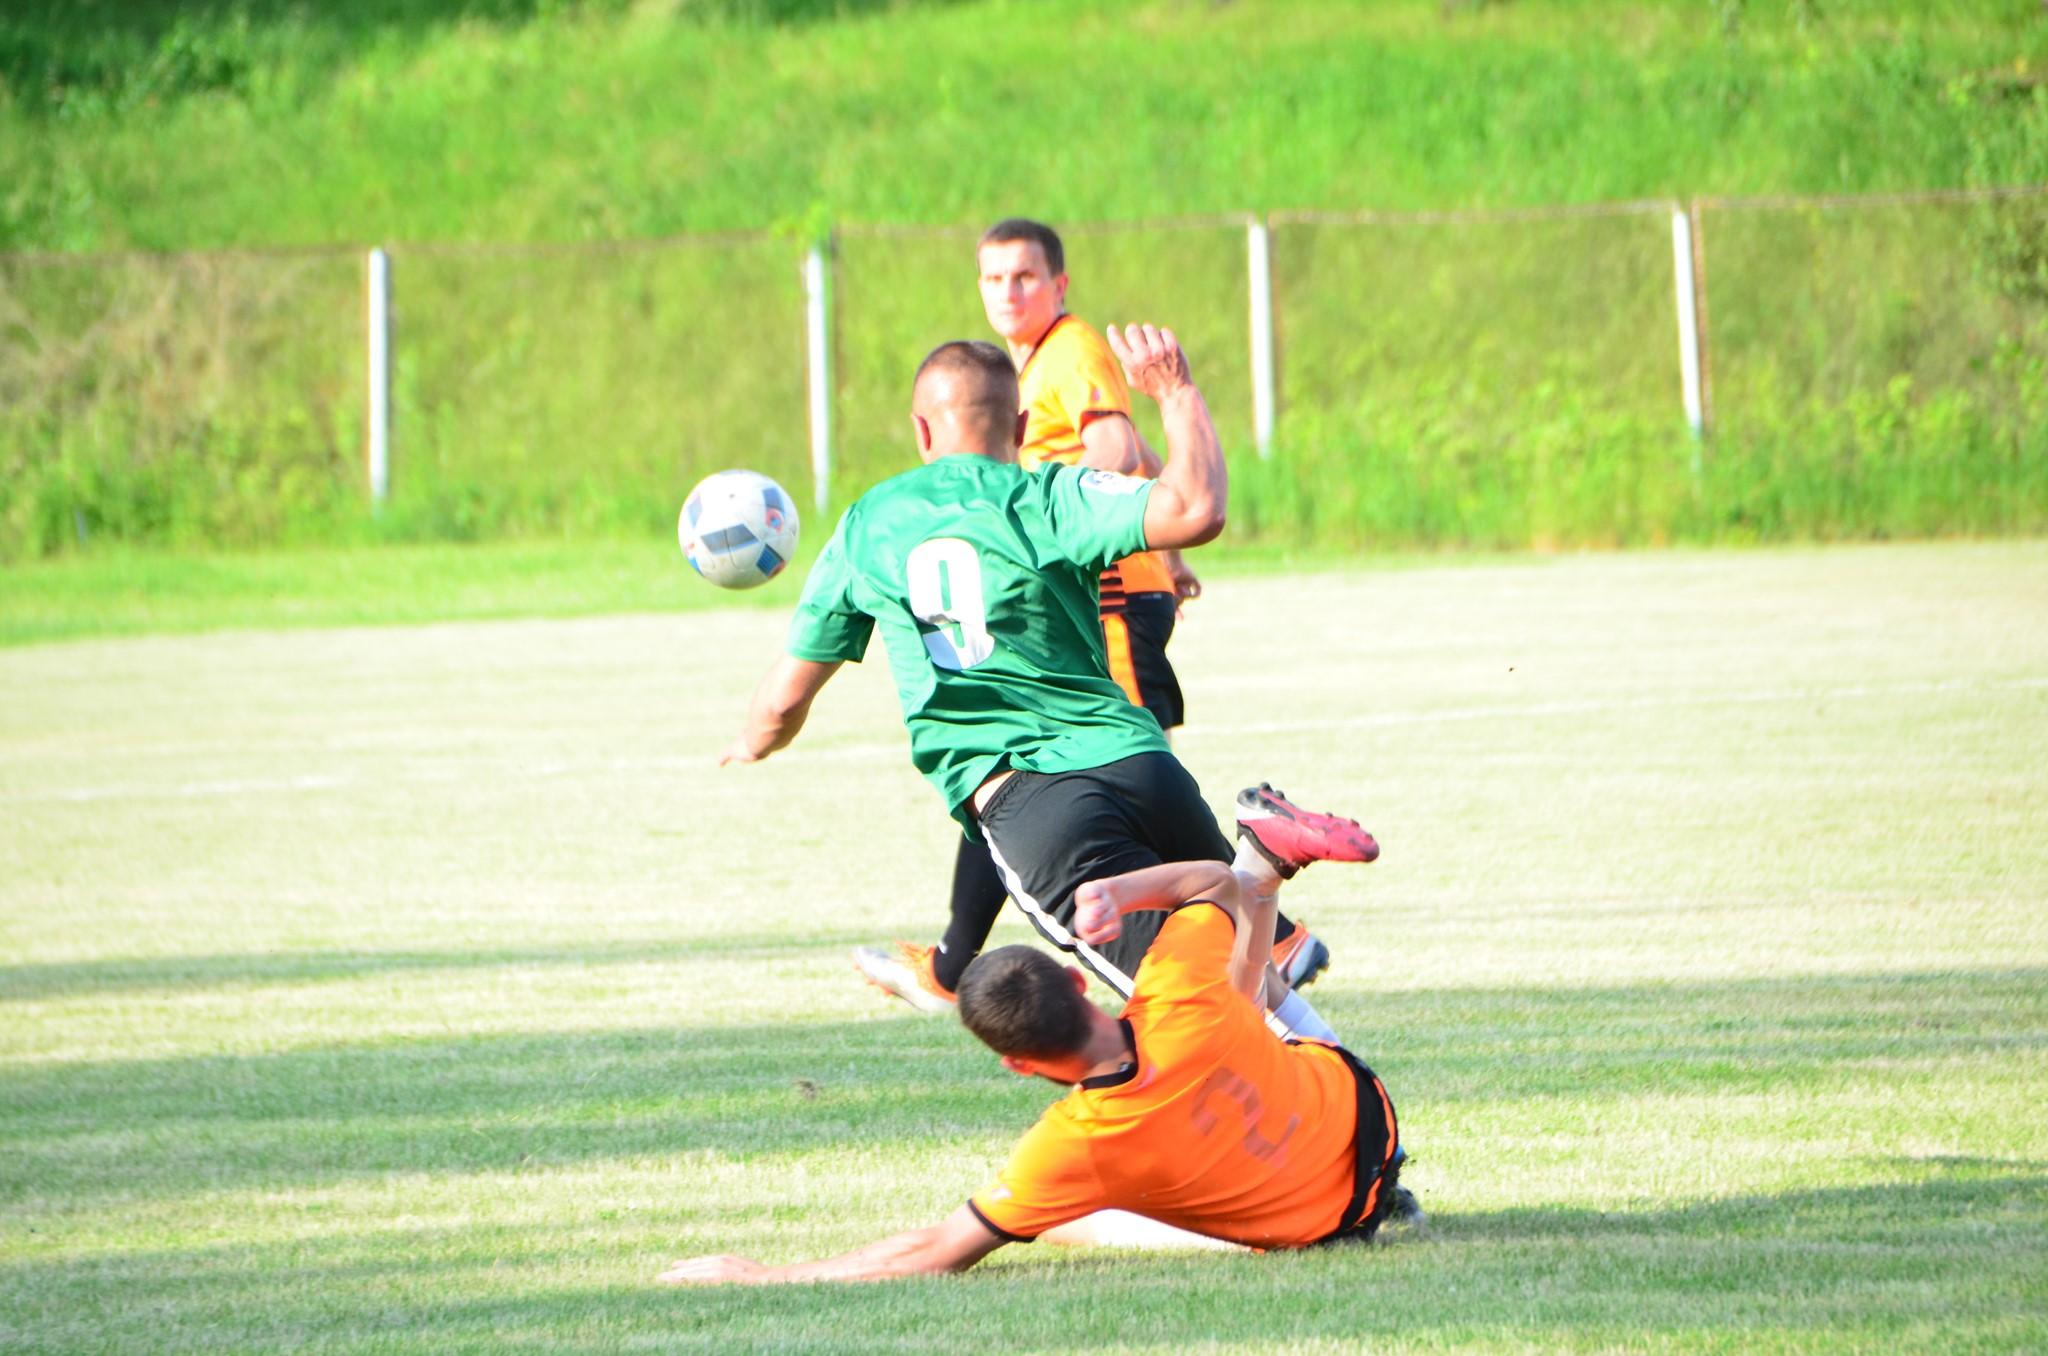 Розклад матчів третього туру Чемпіонату міста з футболу